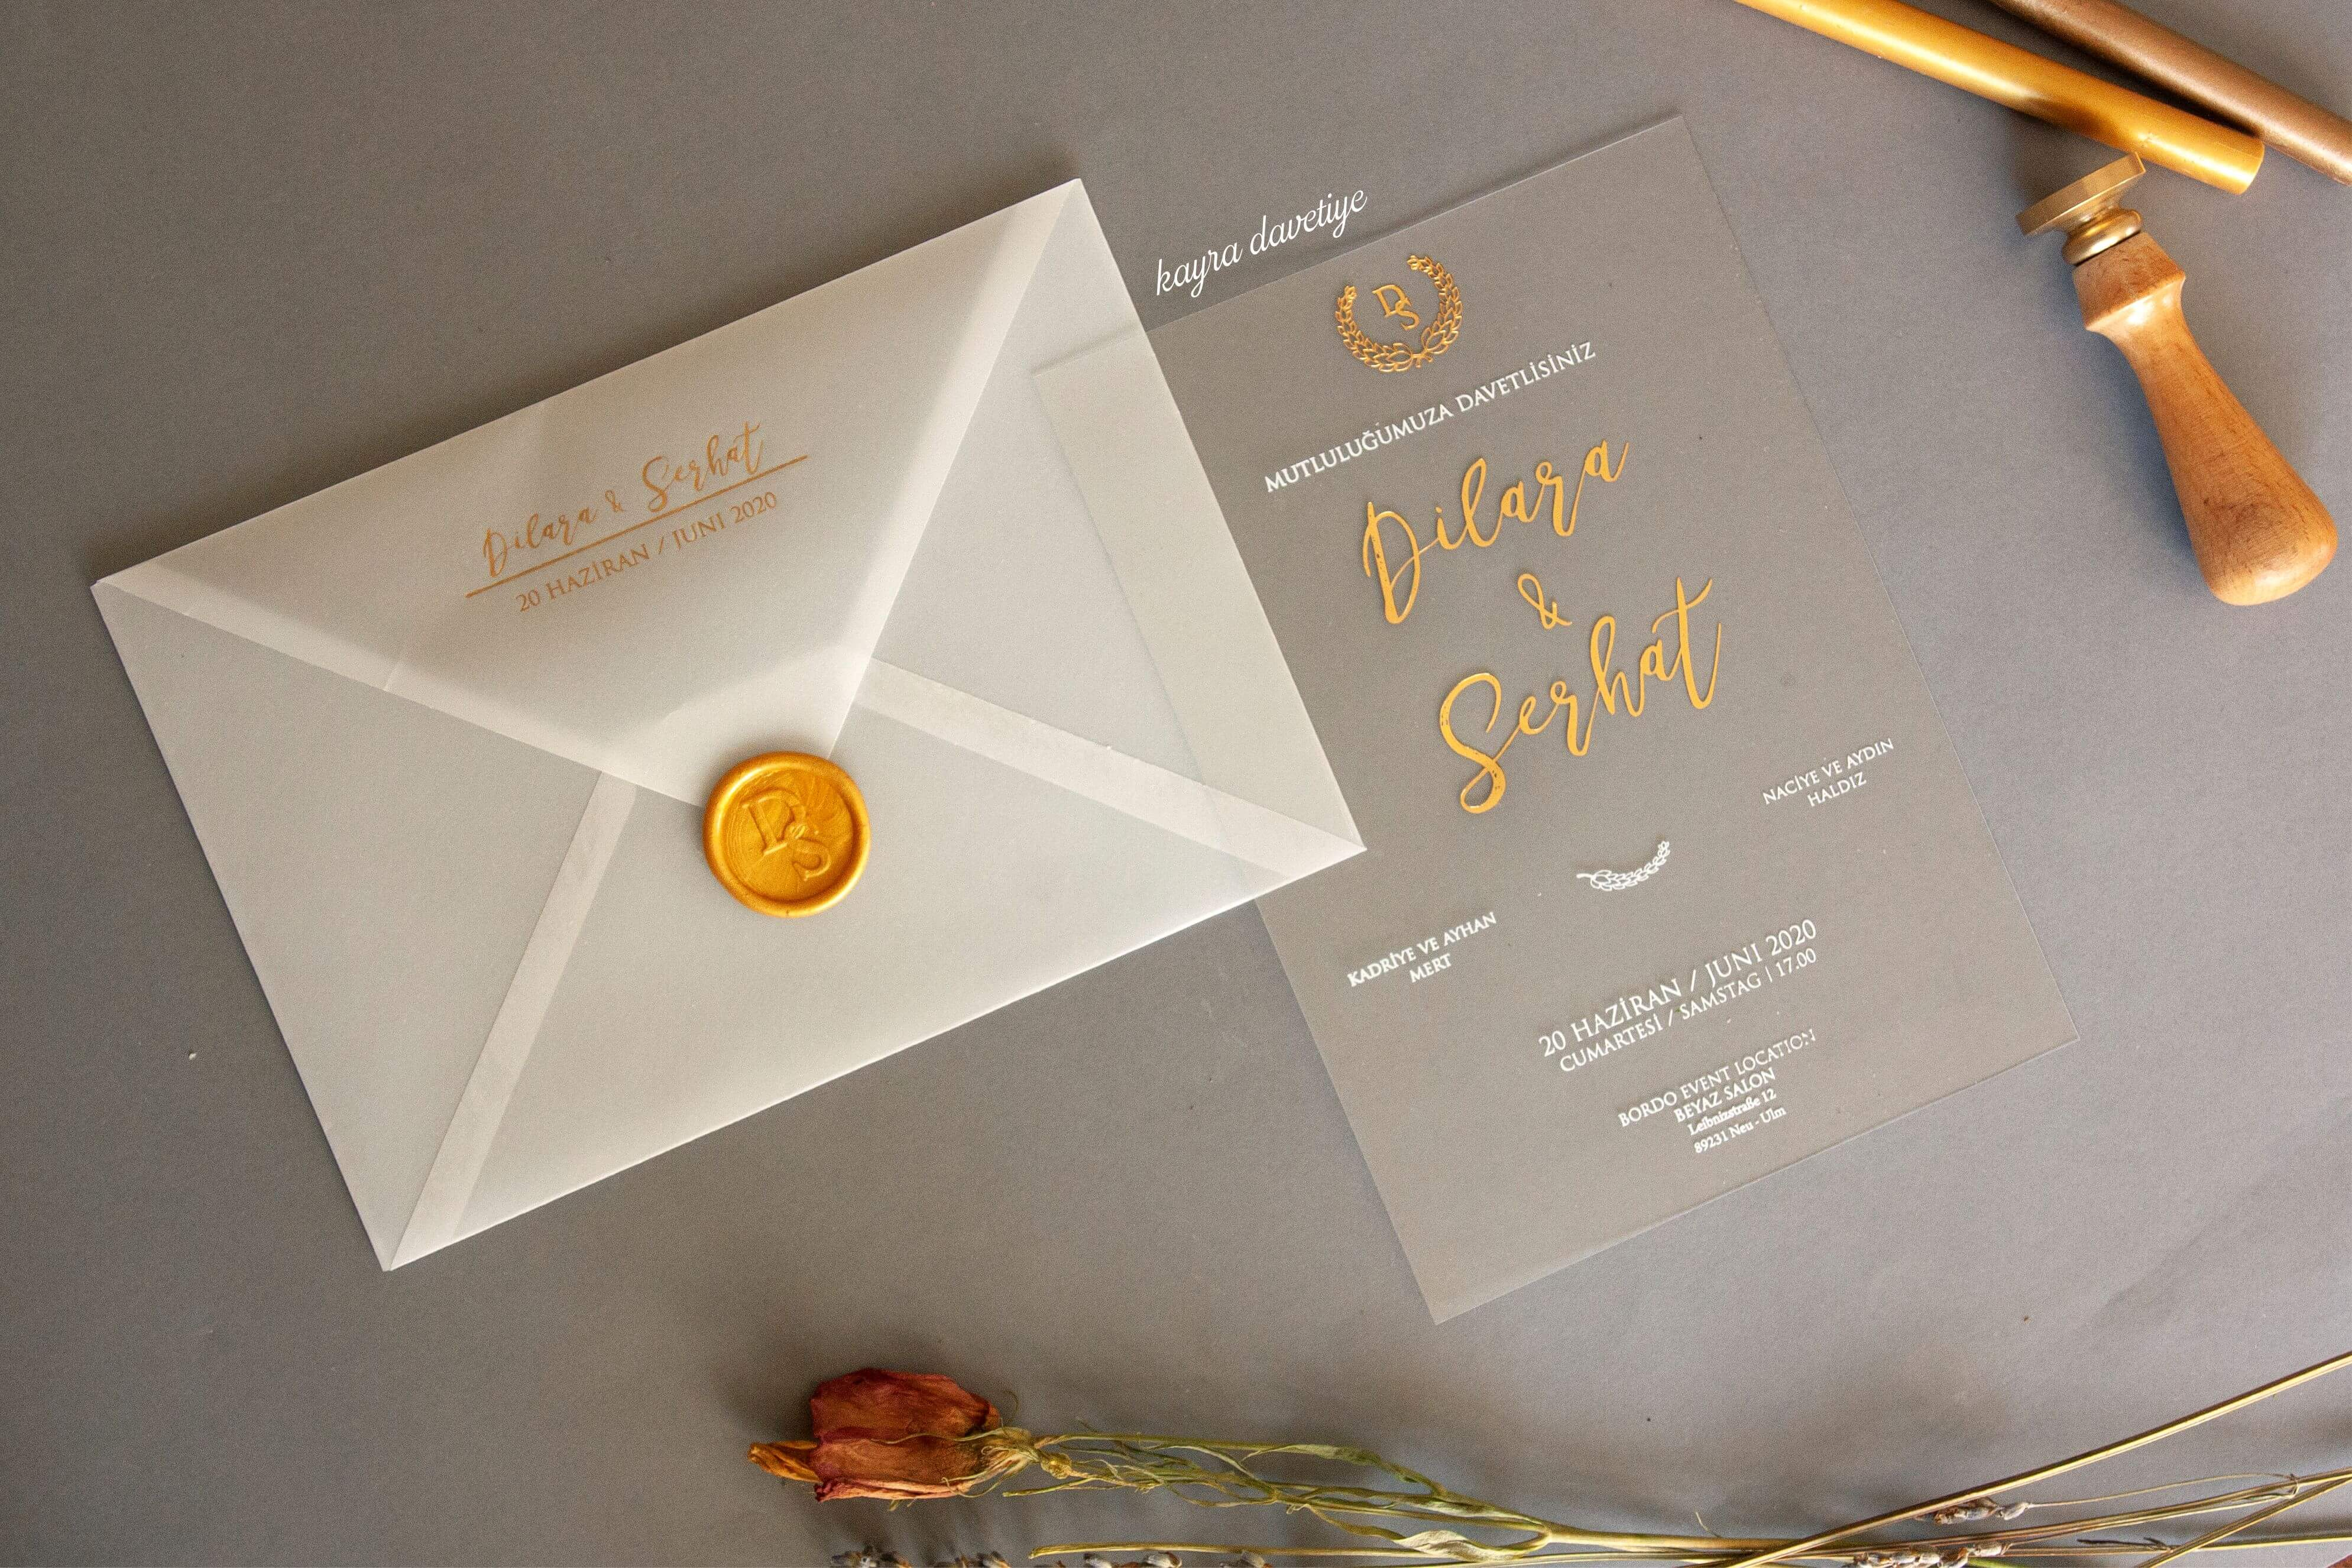 Şeffaf ve mühürlü davetiye-özel tasarım davetiye.